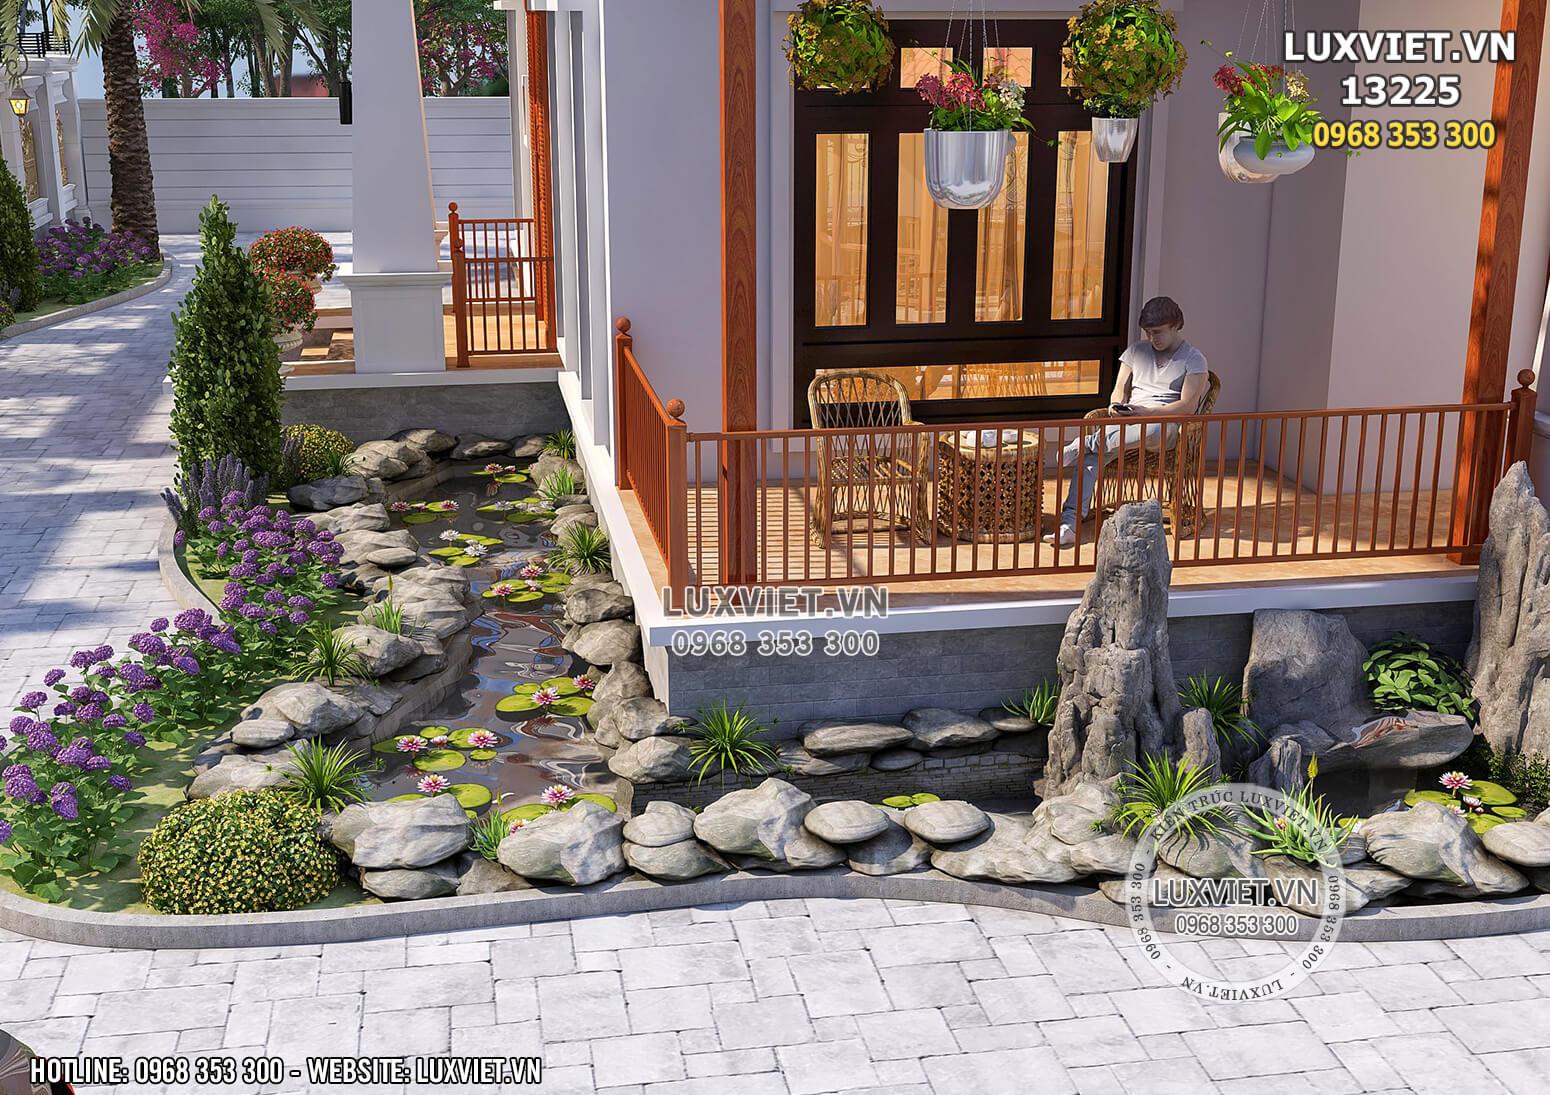 Hình ảnh: Một góc sân vườn - bể cá thư thái cho chủ đầu tư yêu thiên nhiên - LV 13225